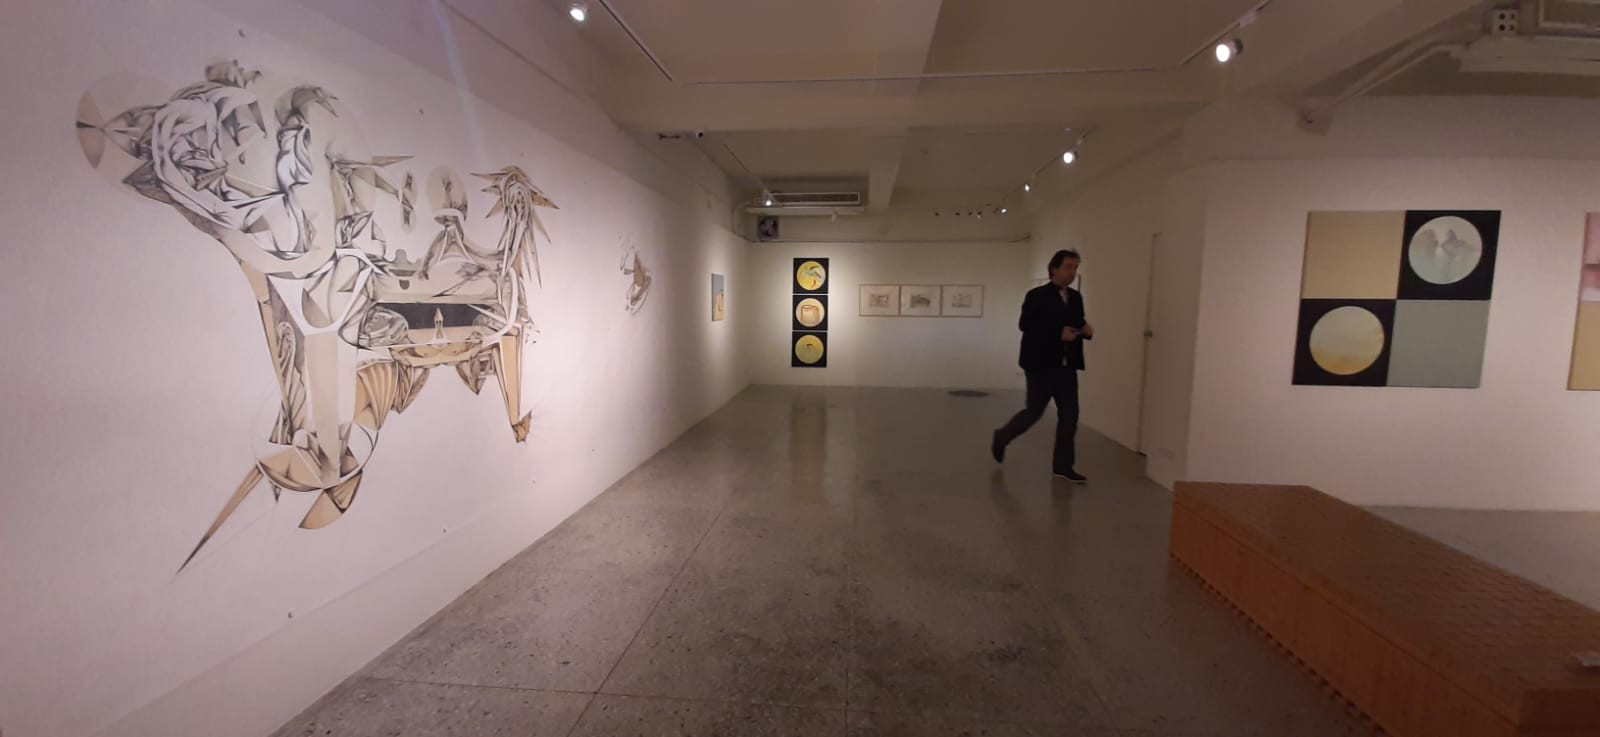 Berlin Melting at Asir Art Museum 2020.Taiwan